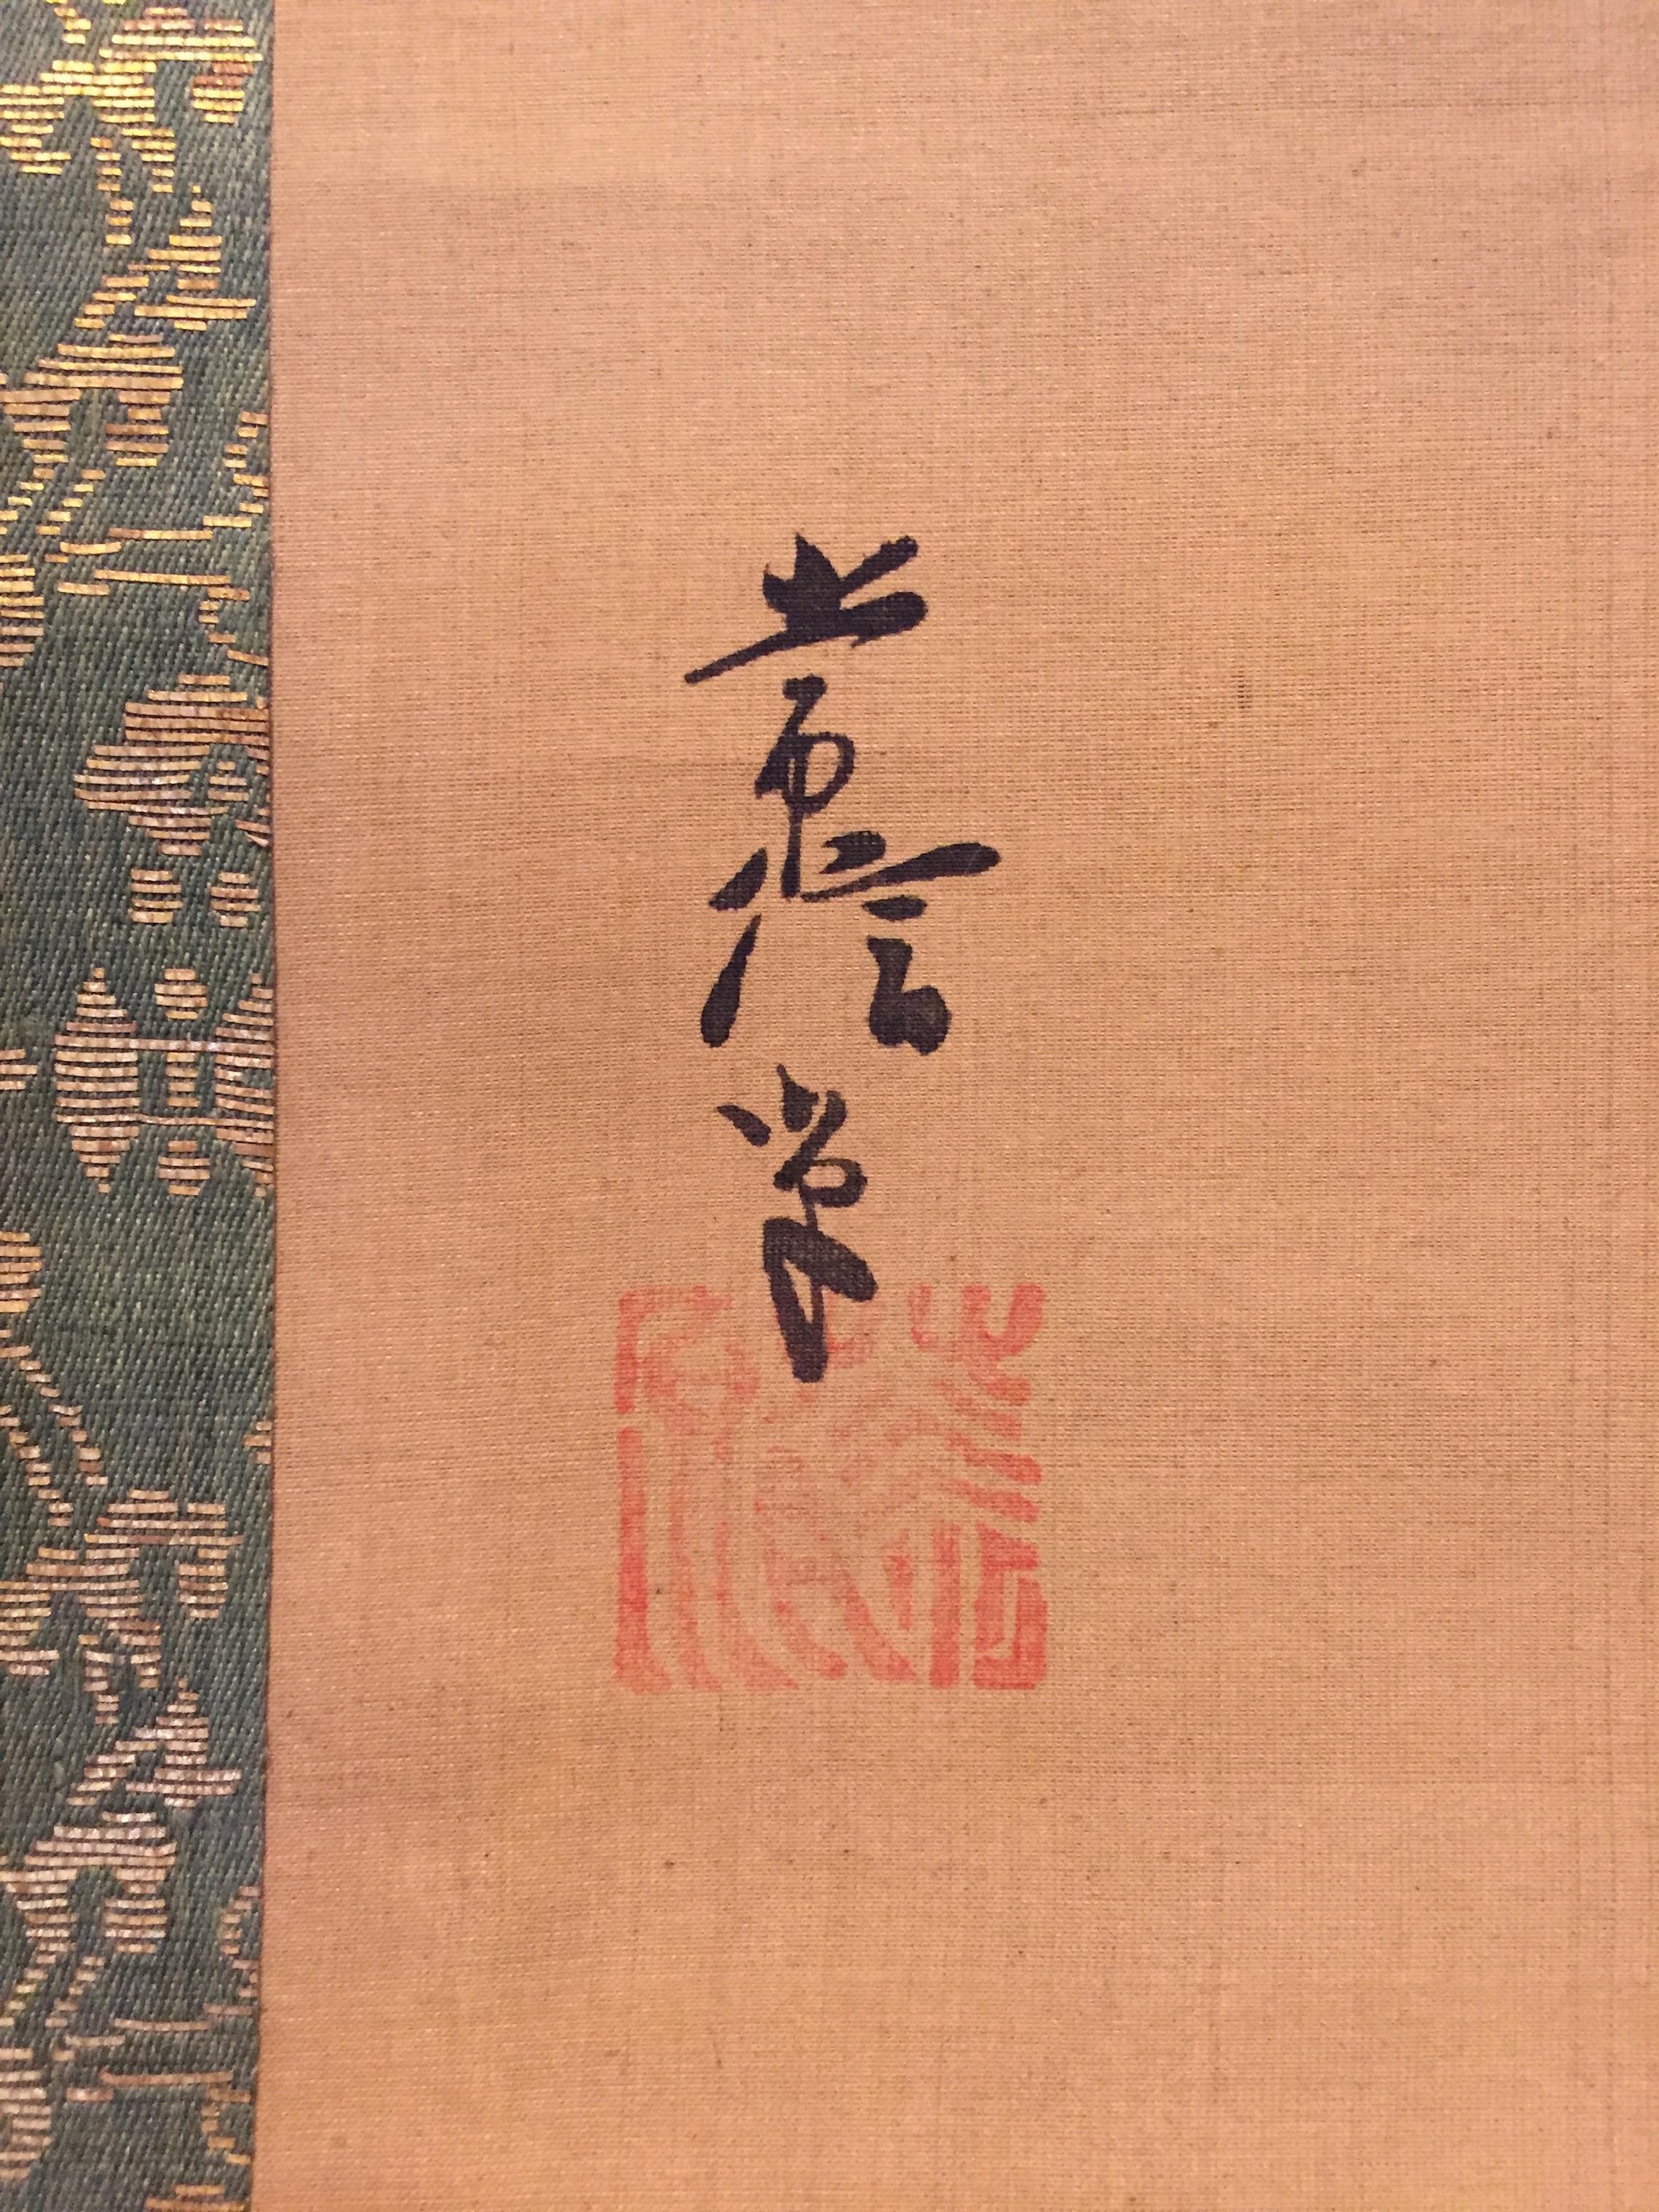 Signiture: Tsunenobu hitu (常信筆) Seal : Fujiwara (藤原)